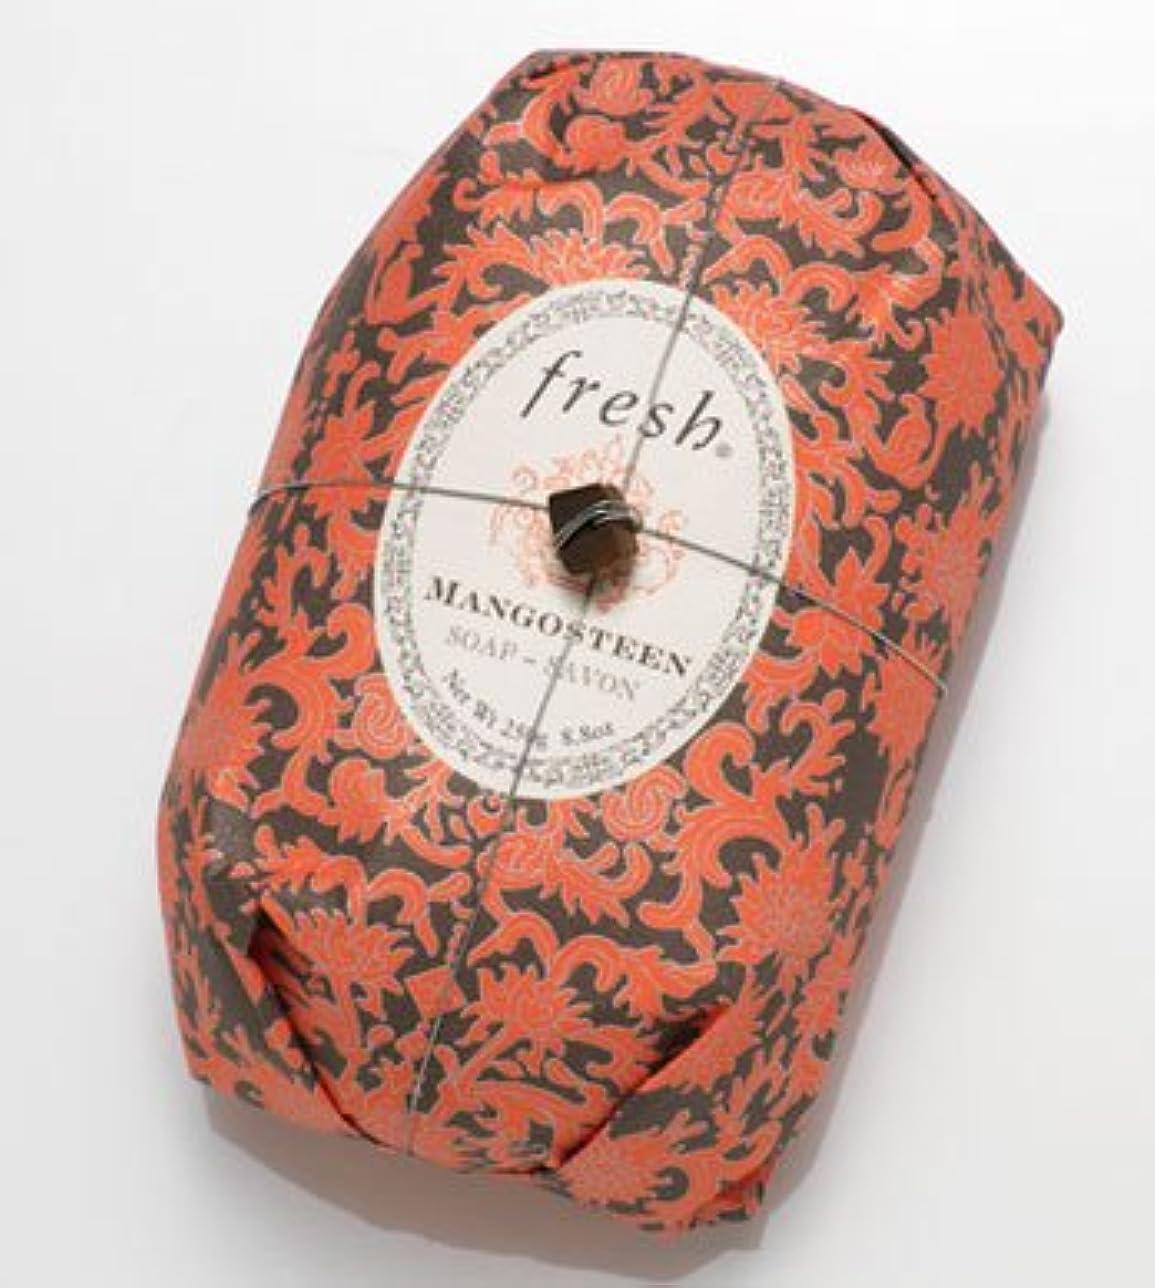 接続詞水族館クラスFresh MANGOSTEEN SOAP (フレッシュ マンゴスチーン ソープ) 8.8 oz (250g) Soap (石鹸) by Fresh